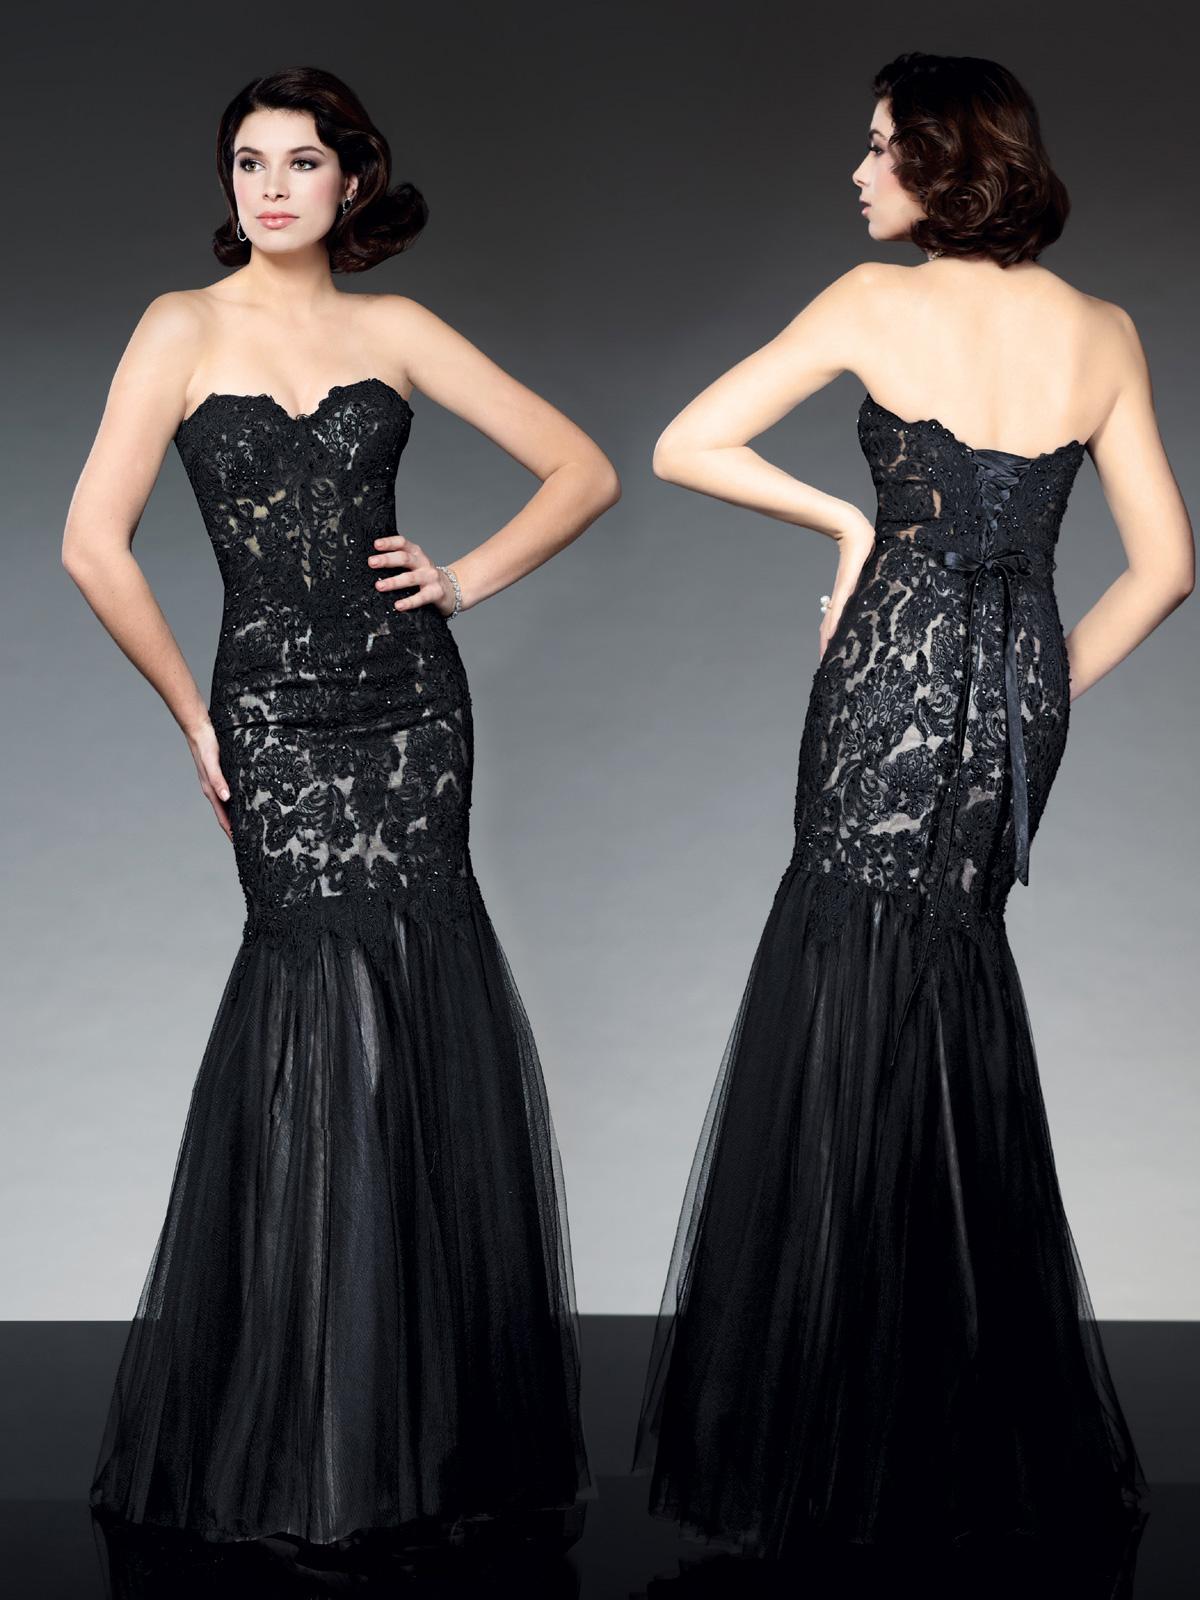 Vestido de Festa tomara que caia princesa, corpo alongado em renda francesa bordada com pedrarias, saia sereia confeccionada com camadas em tule francês.